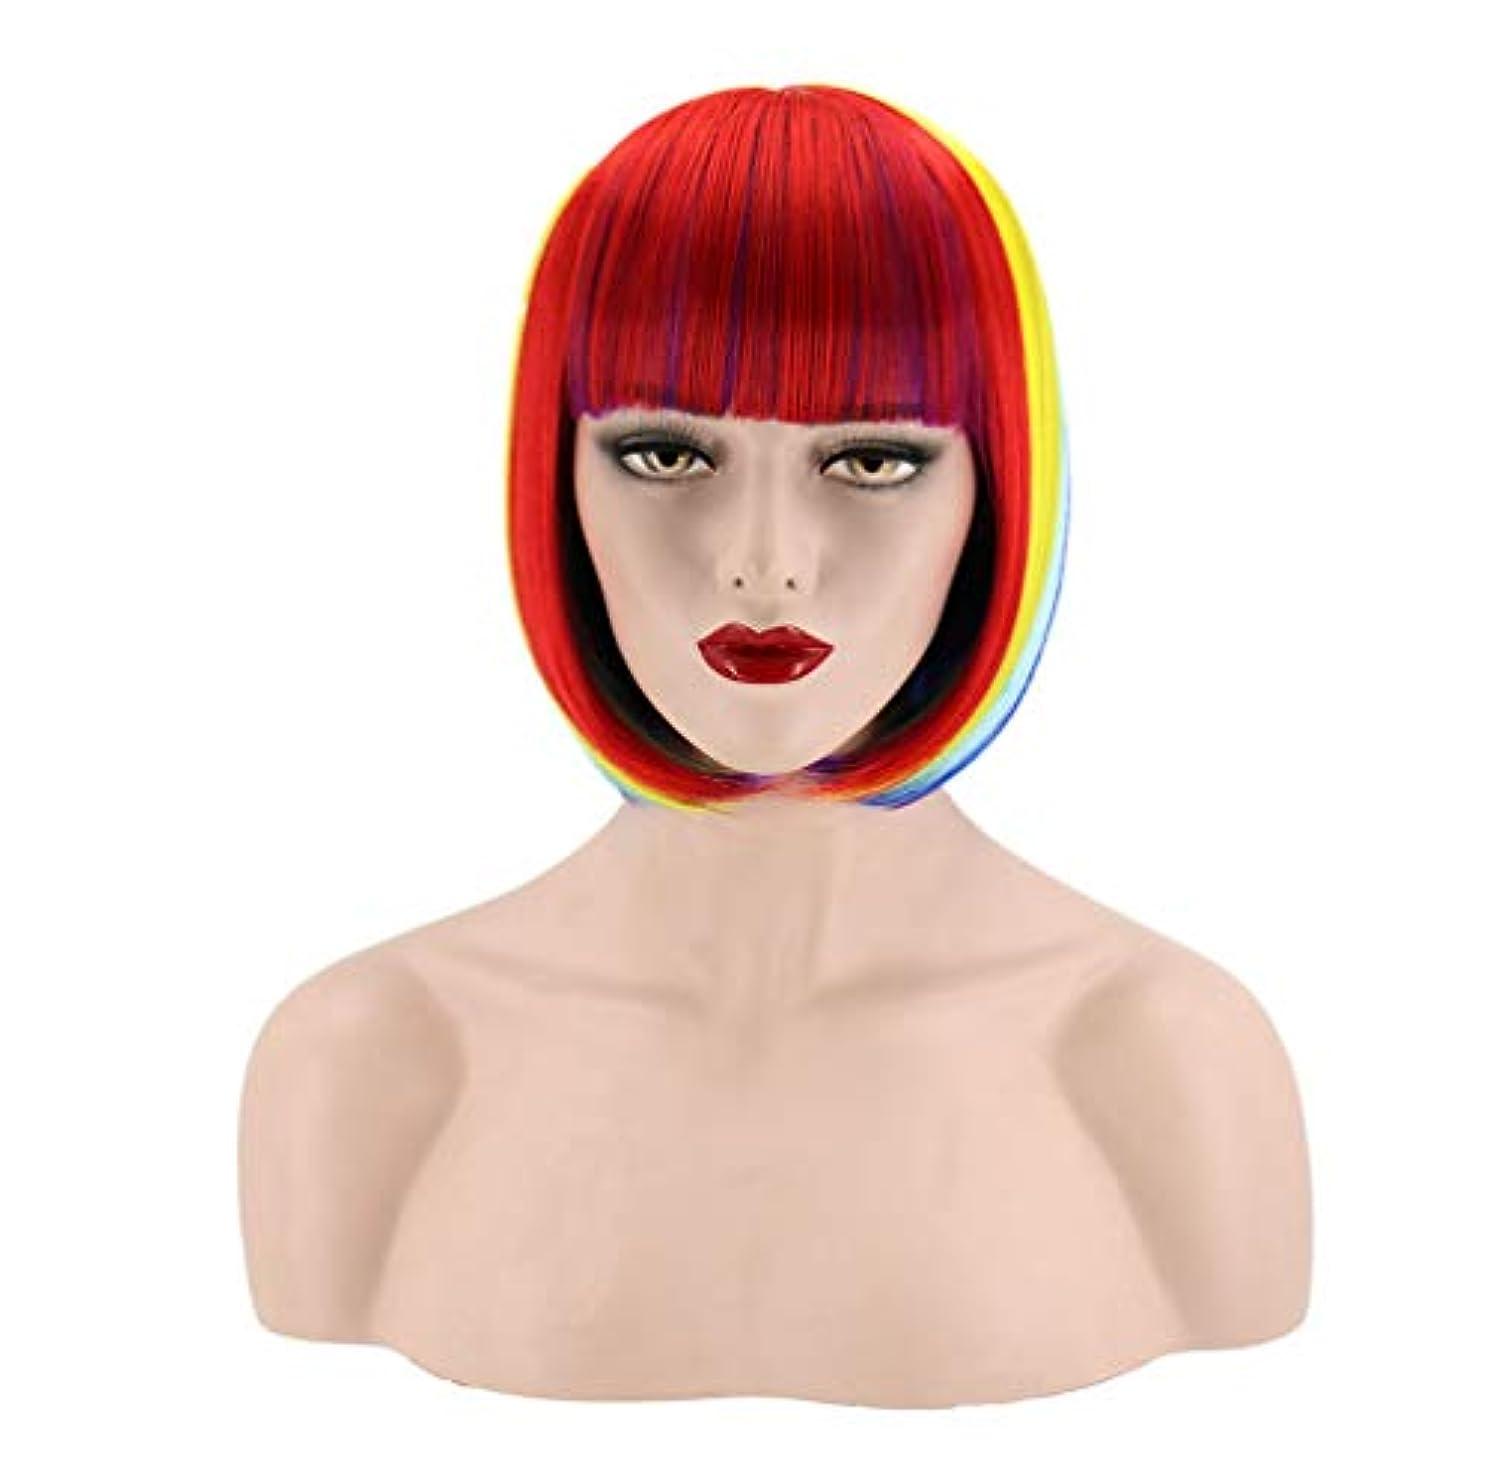 天のはぁちらつき女性ウィッグ合成ボブショートウィッグ耐熱コスプレパーティーヘアウィッグ150%密度30cm